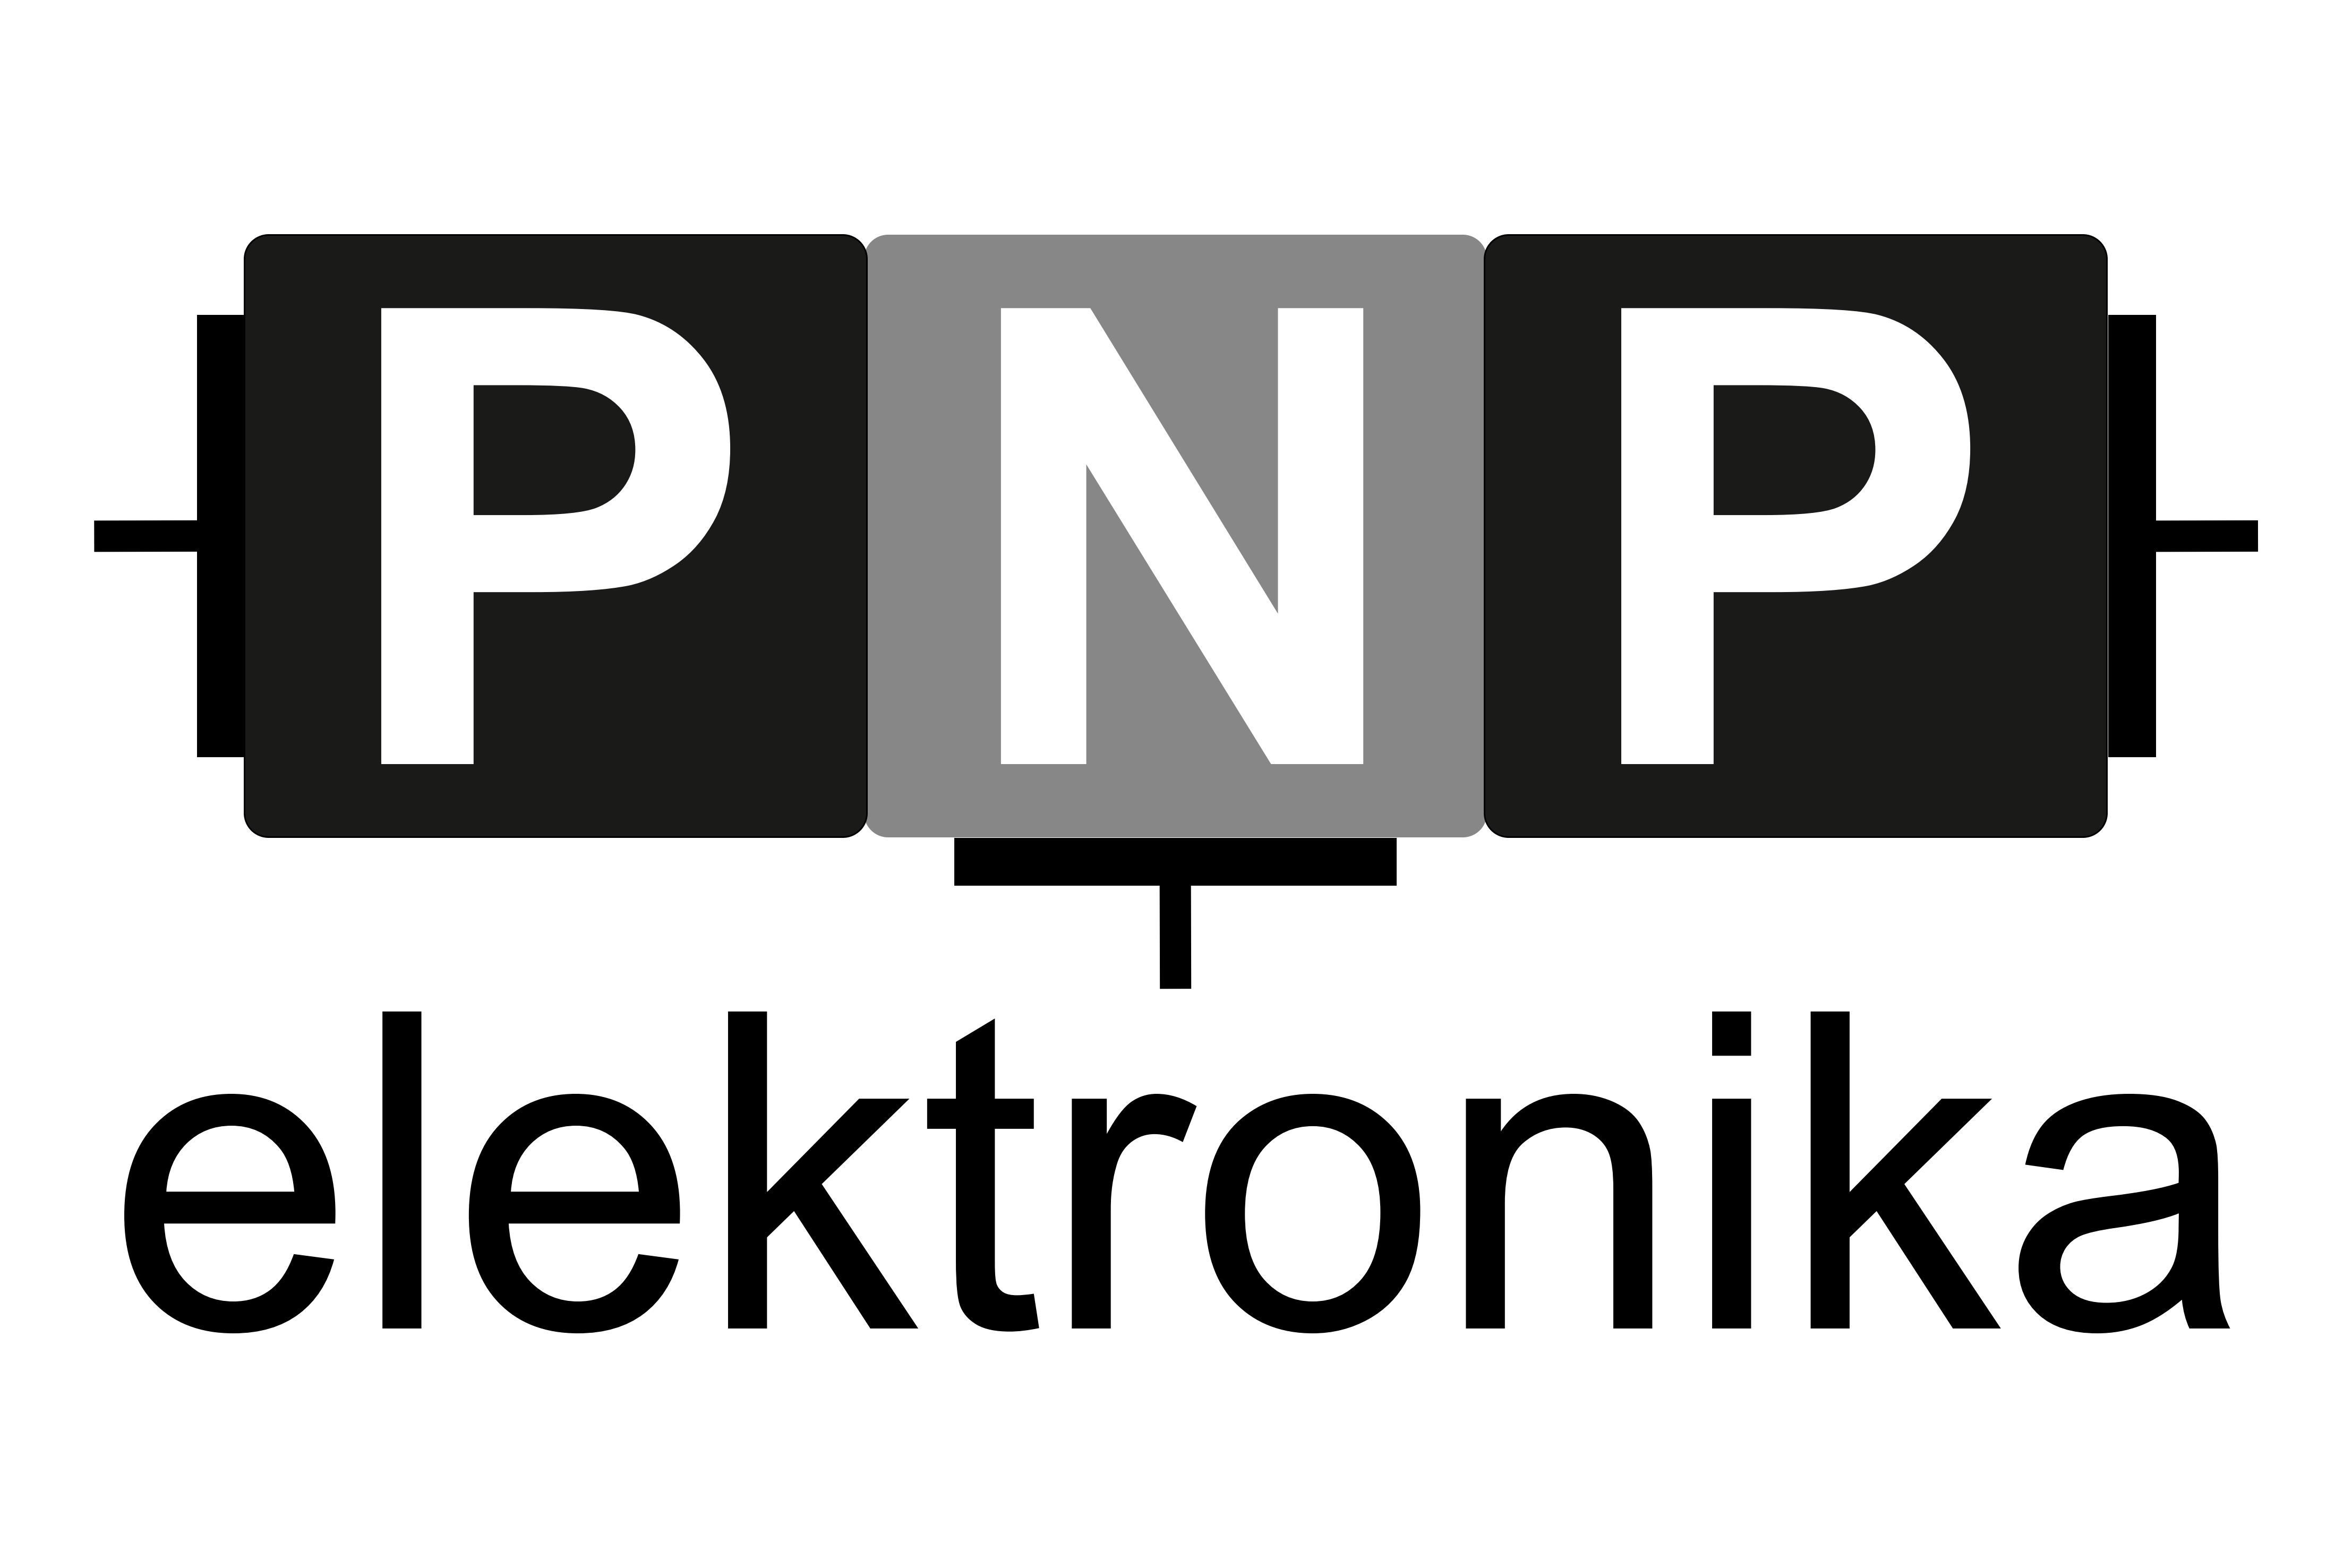 Logo: PNP elektronika j.d.o.o.